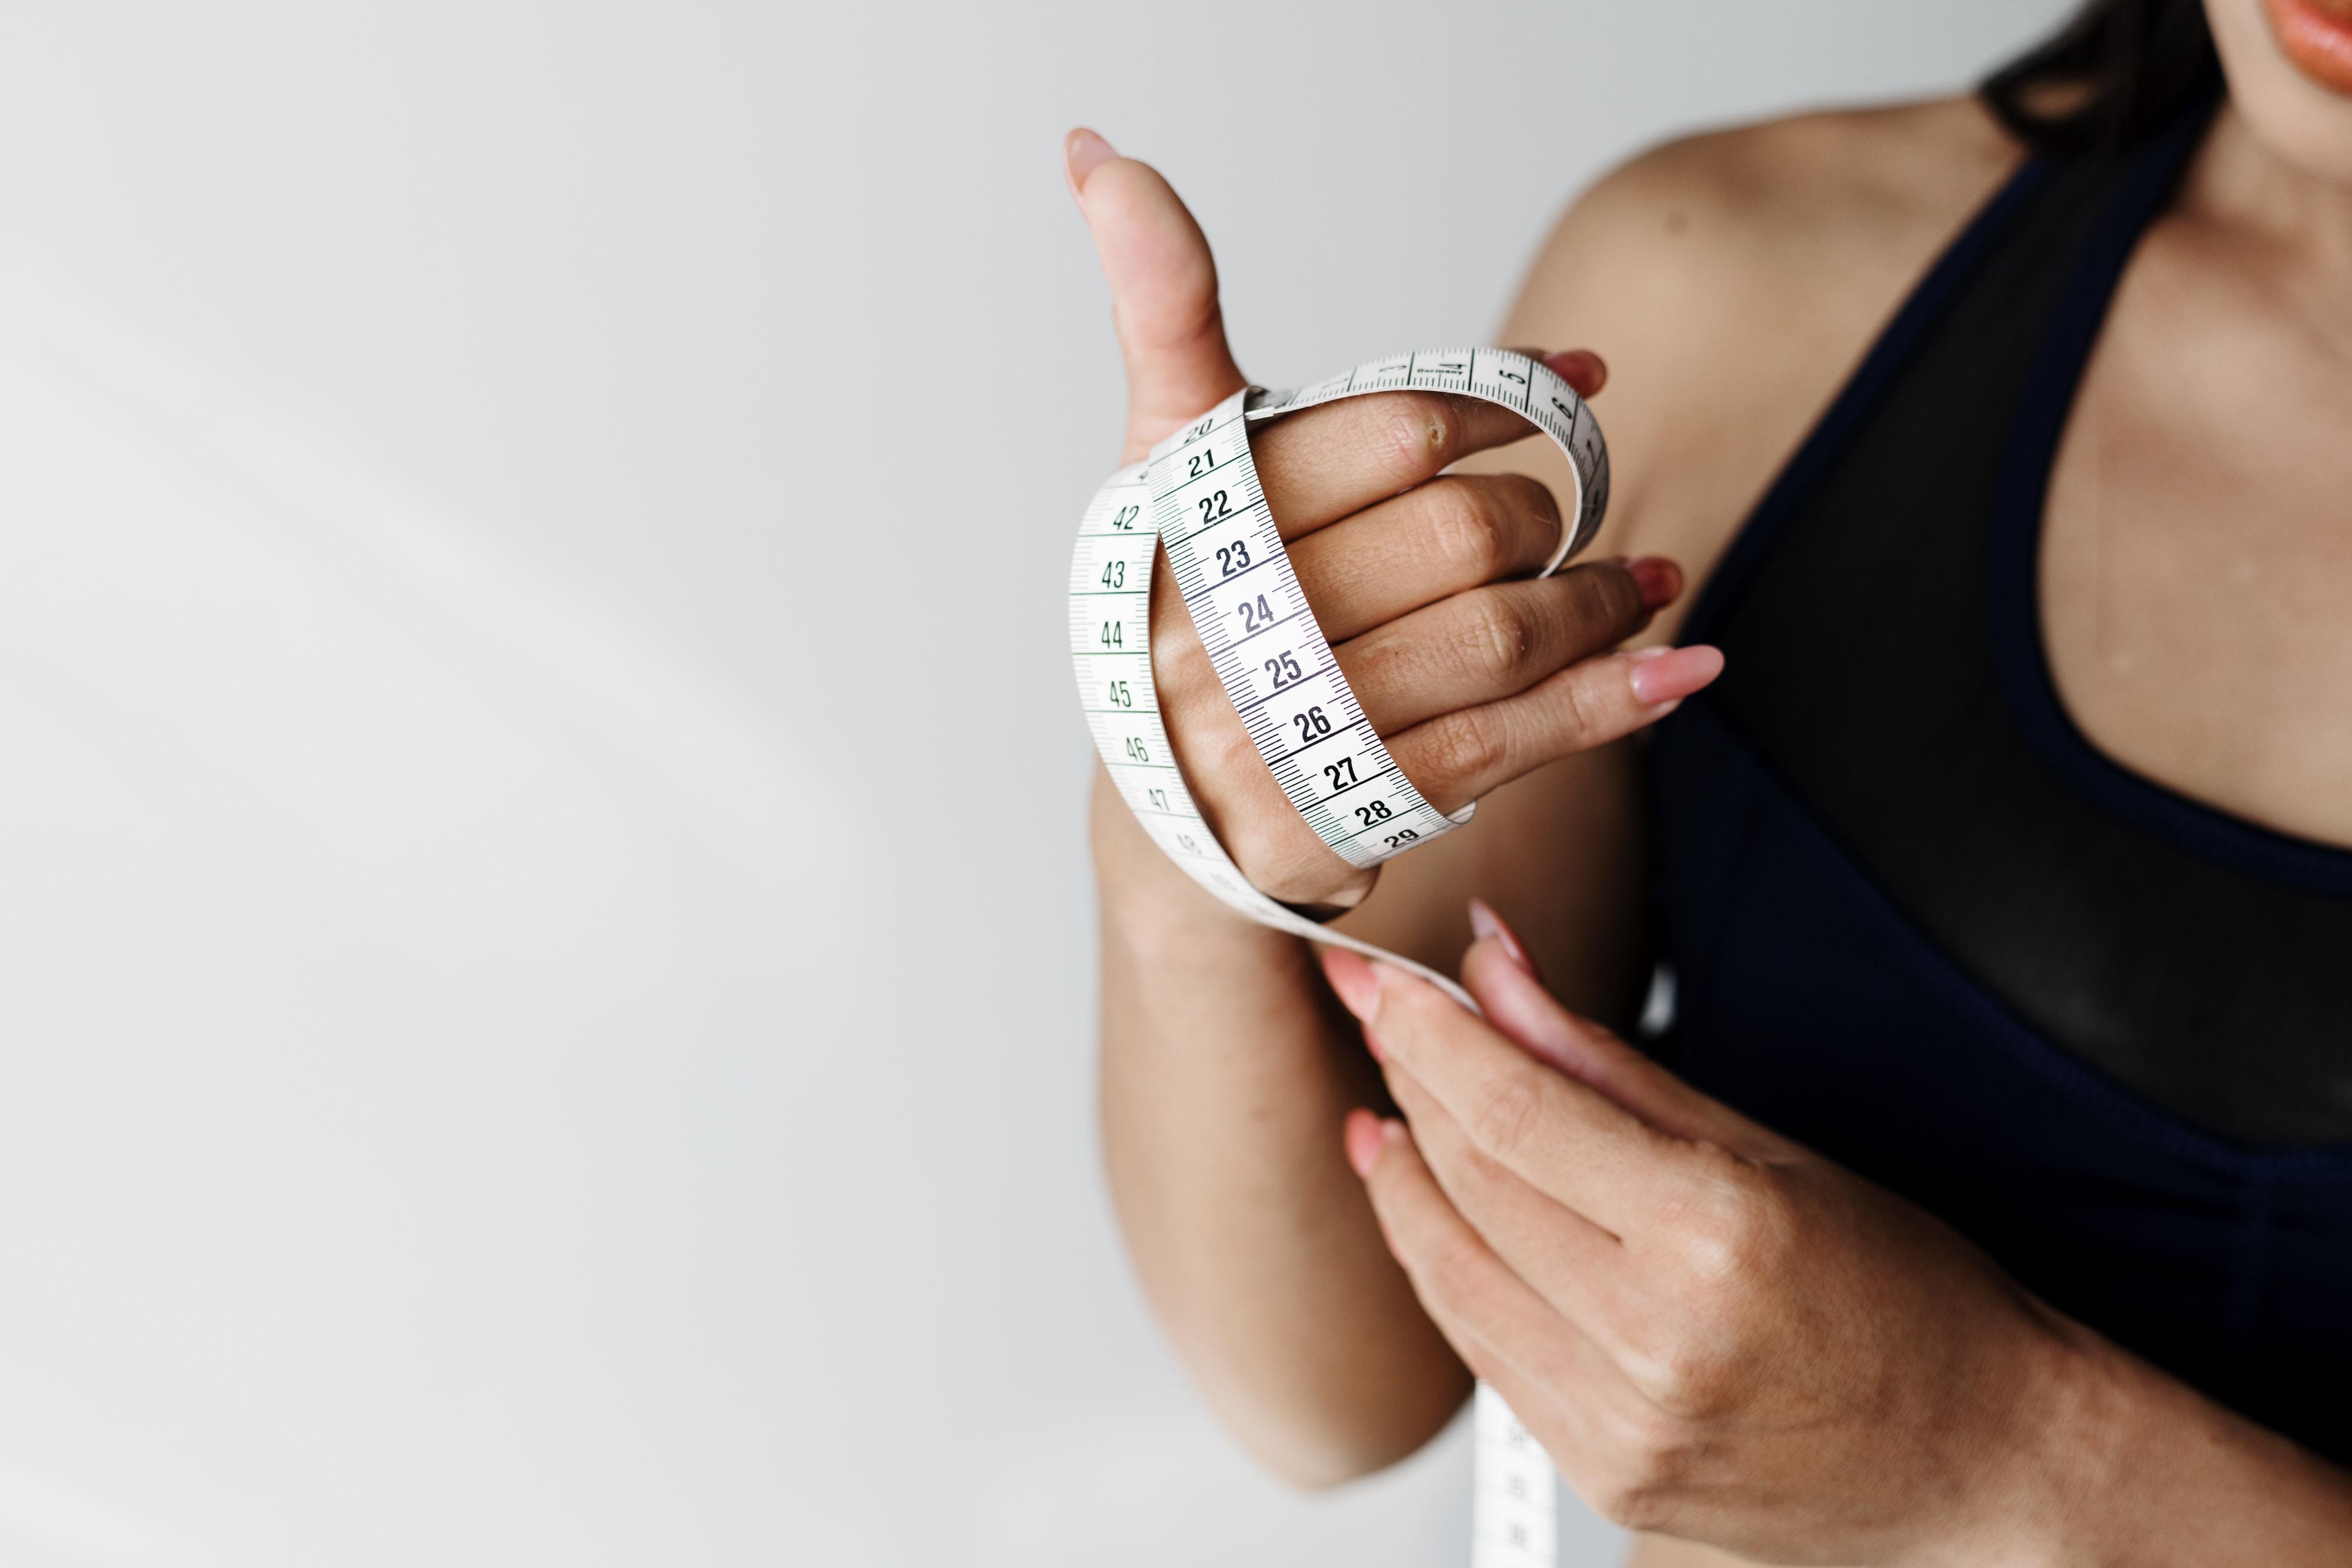 Keto Diet - Non-scale victories